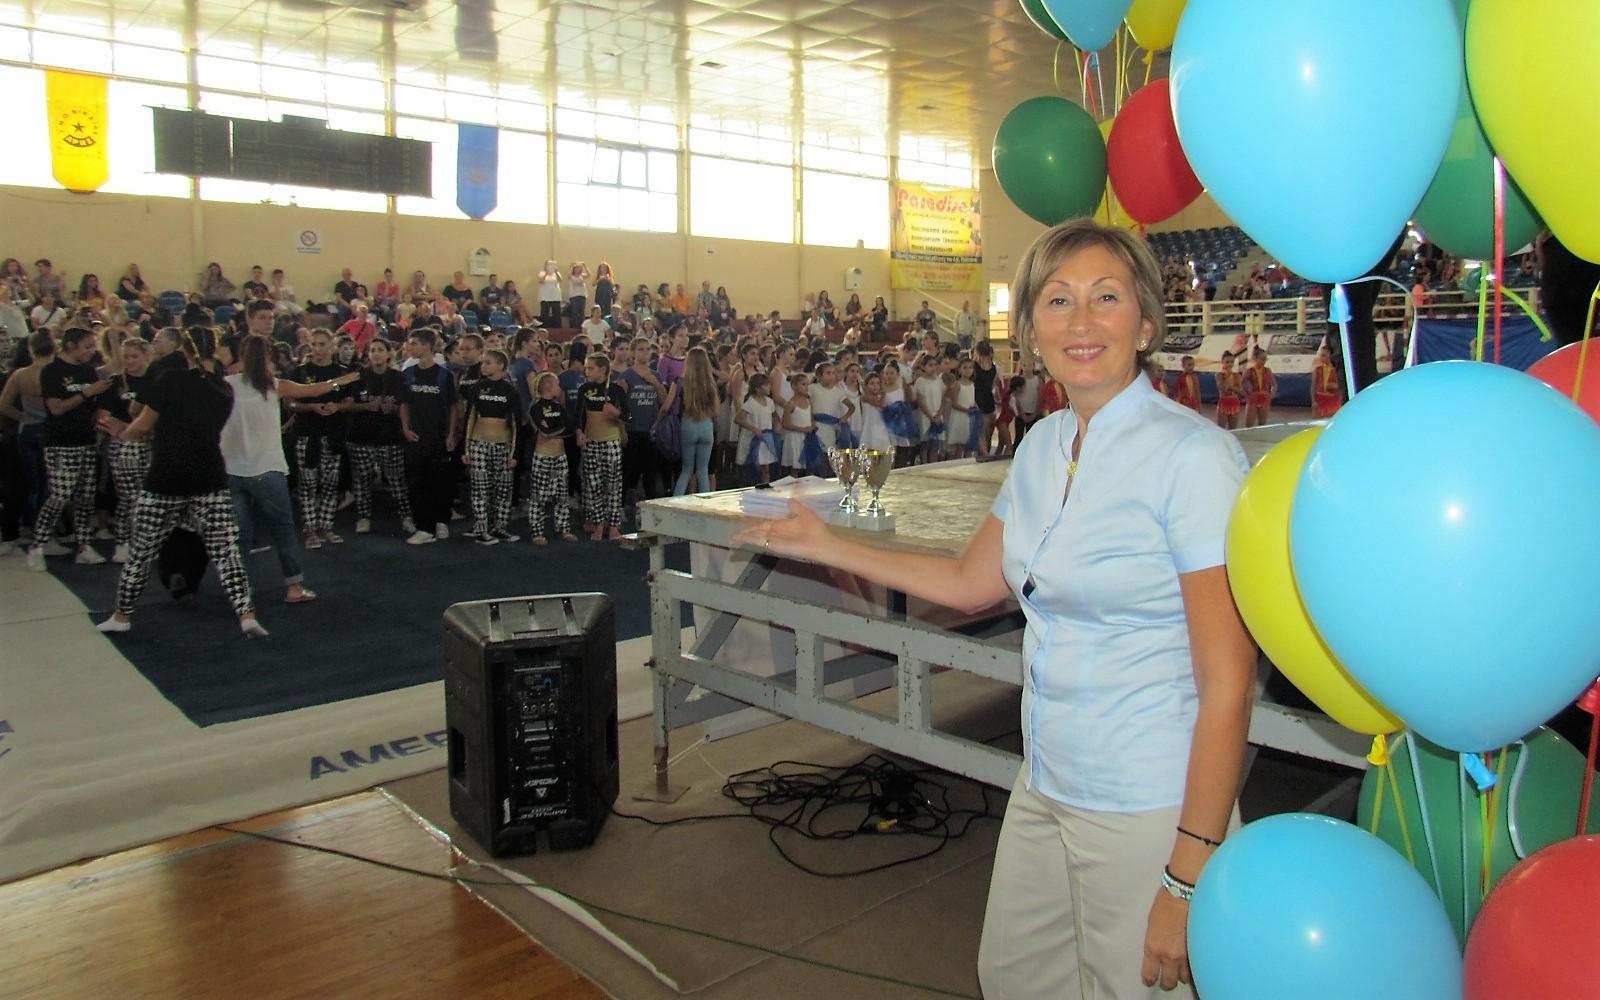 Η πρόεδρος της Τ.Ε. Γυμναστικής για Όλους της Ε.Γ.Ο., Μαρία Παπαδοπούλου